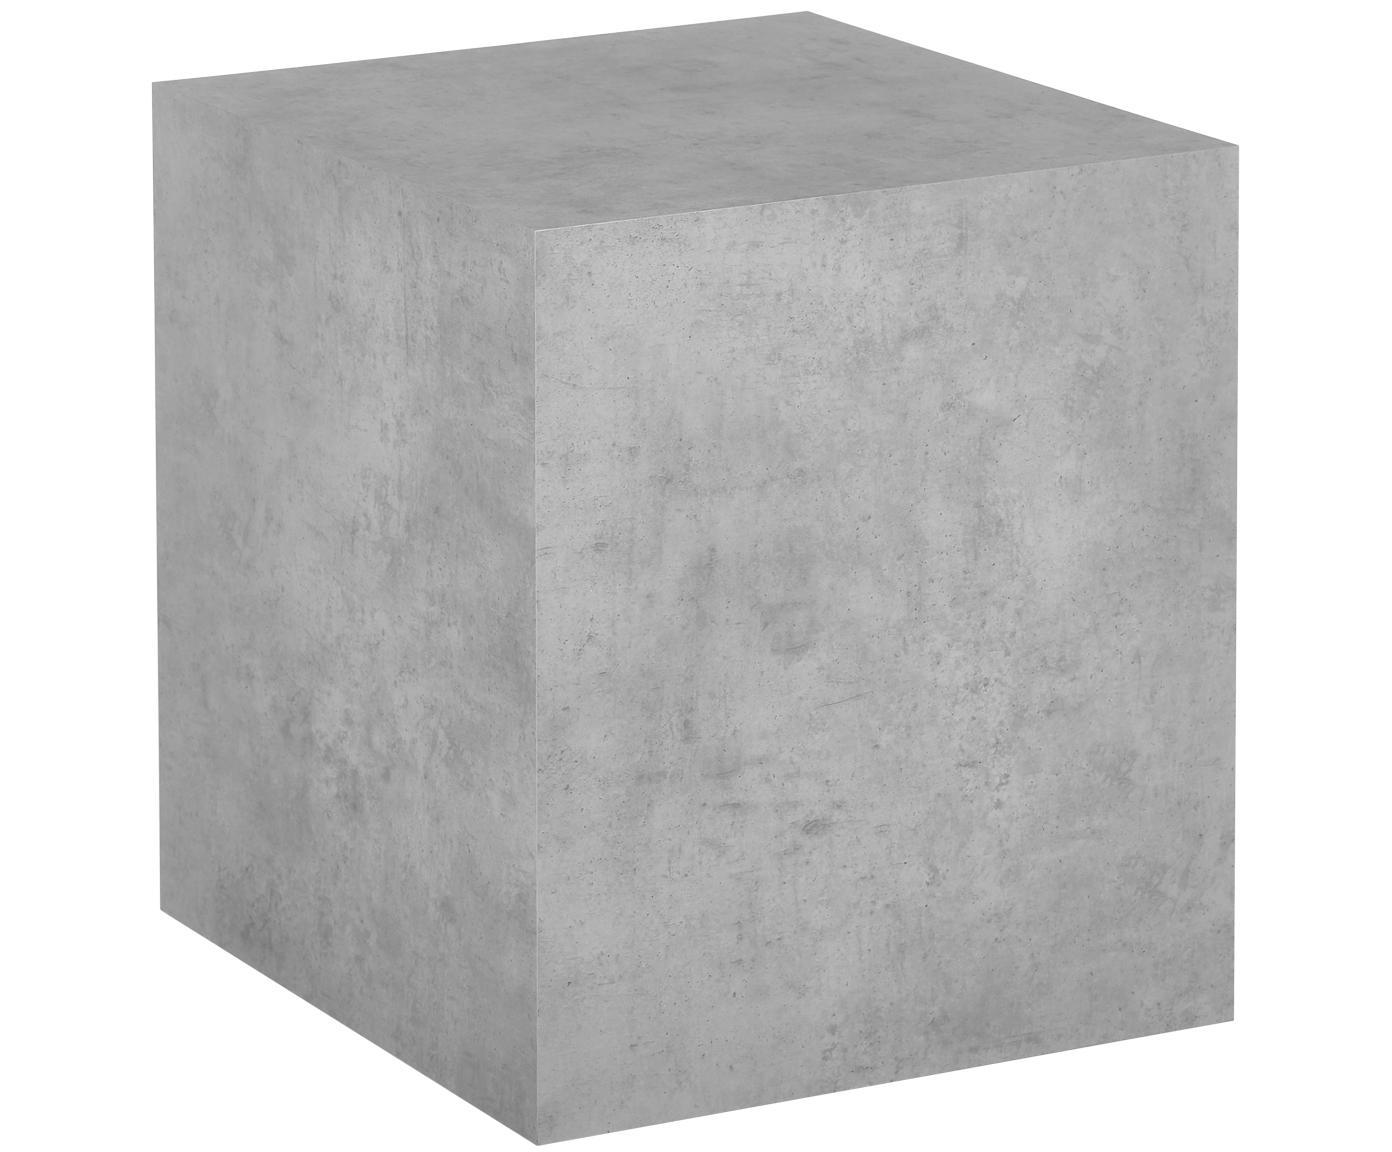 Tavolino grigio effetto cemento Lesley, Pannello di fibra a media densità (MDF) rivestito con foglio di melamina, Grigio, ottica cemento, Larg. 45 x Alt. 50 cm